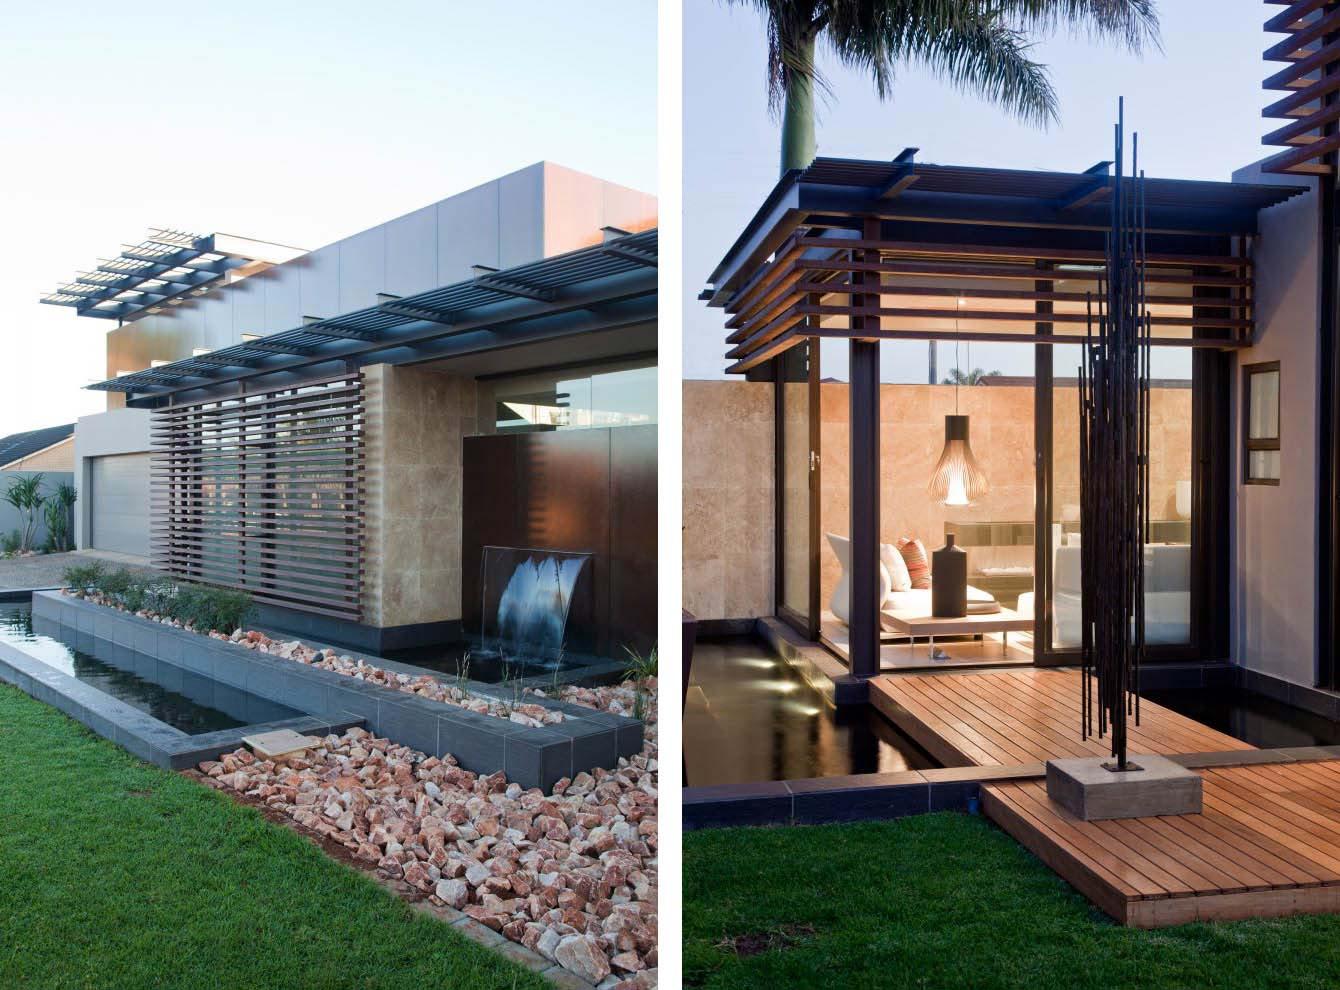 house-aboobaker-by-nico-van-der-meulen-architects-06